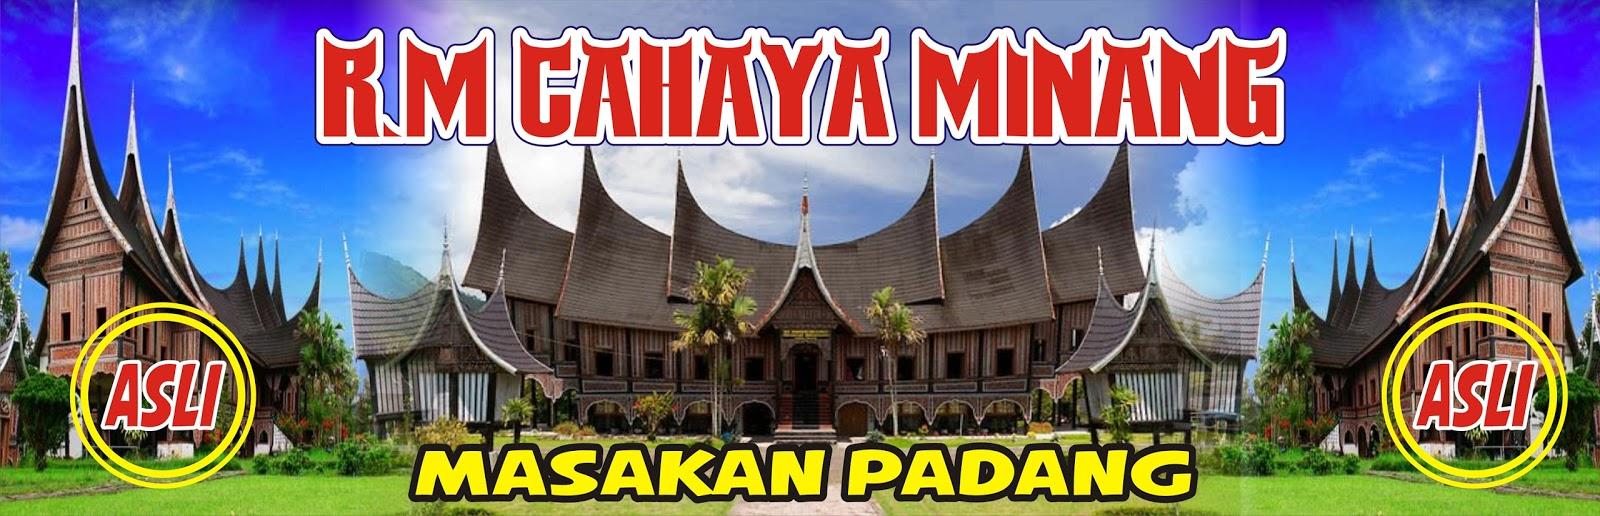 Download Banner Rumah Makan Cdr - desain spanduk kreatif